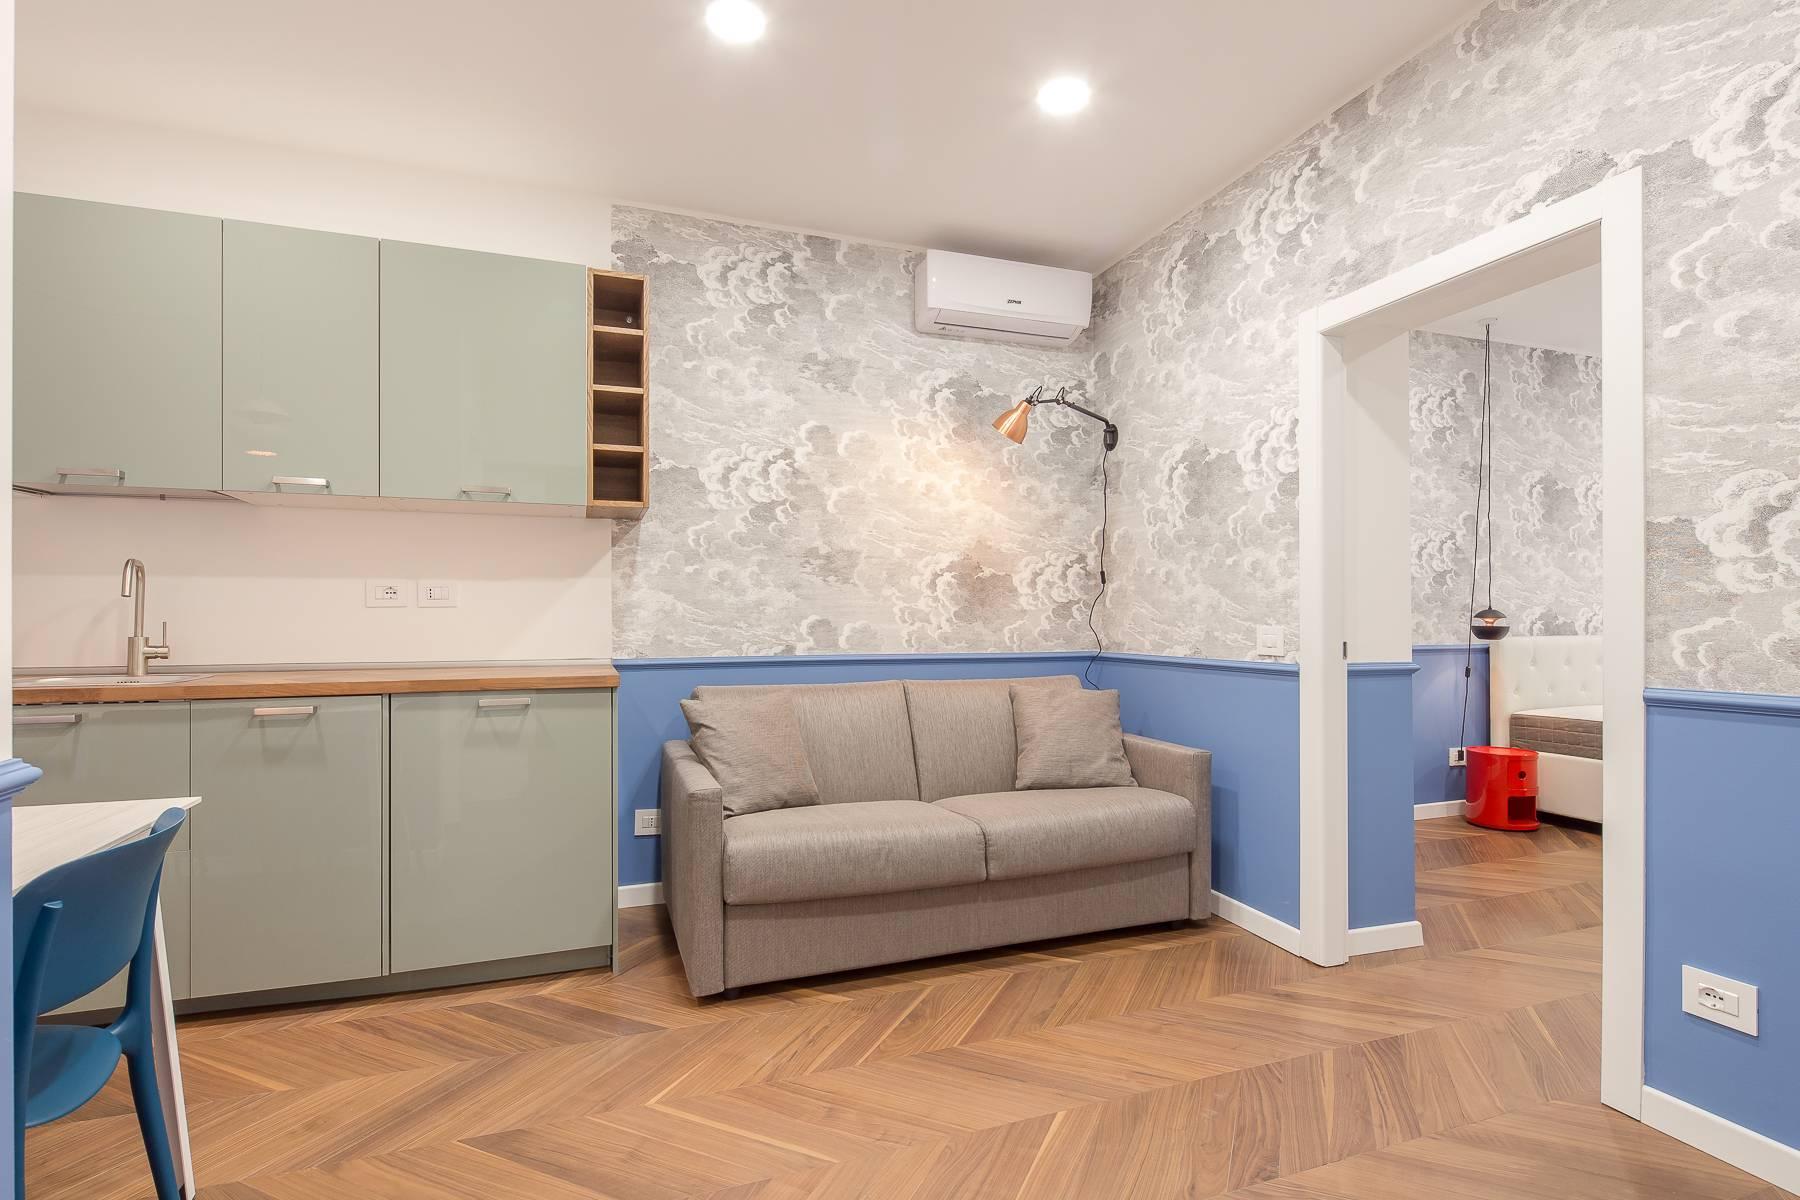 Elegante renovierte Zwei-Zimmer-Wohnung in Brera - 2